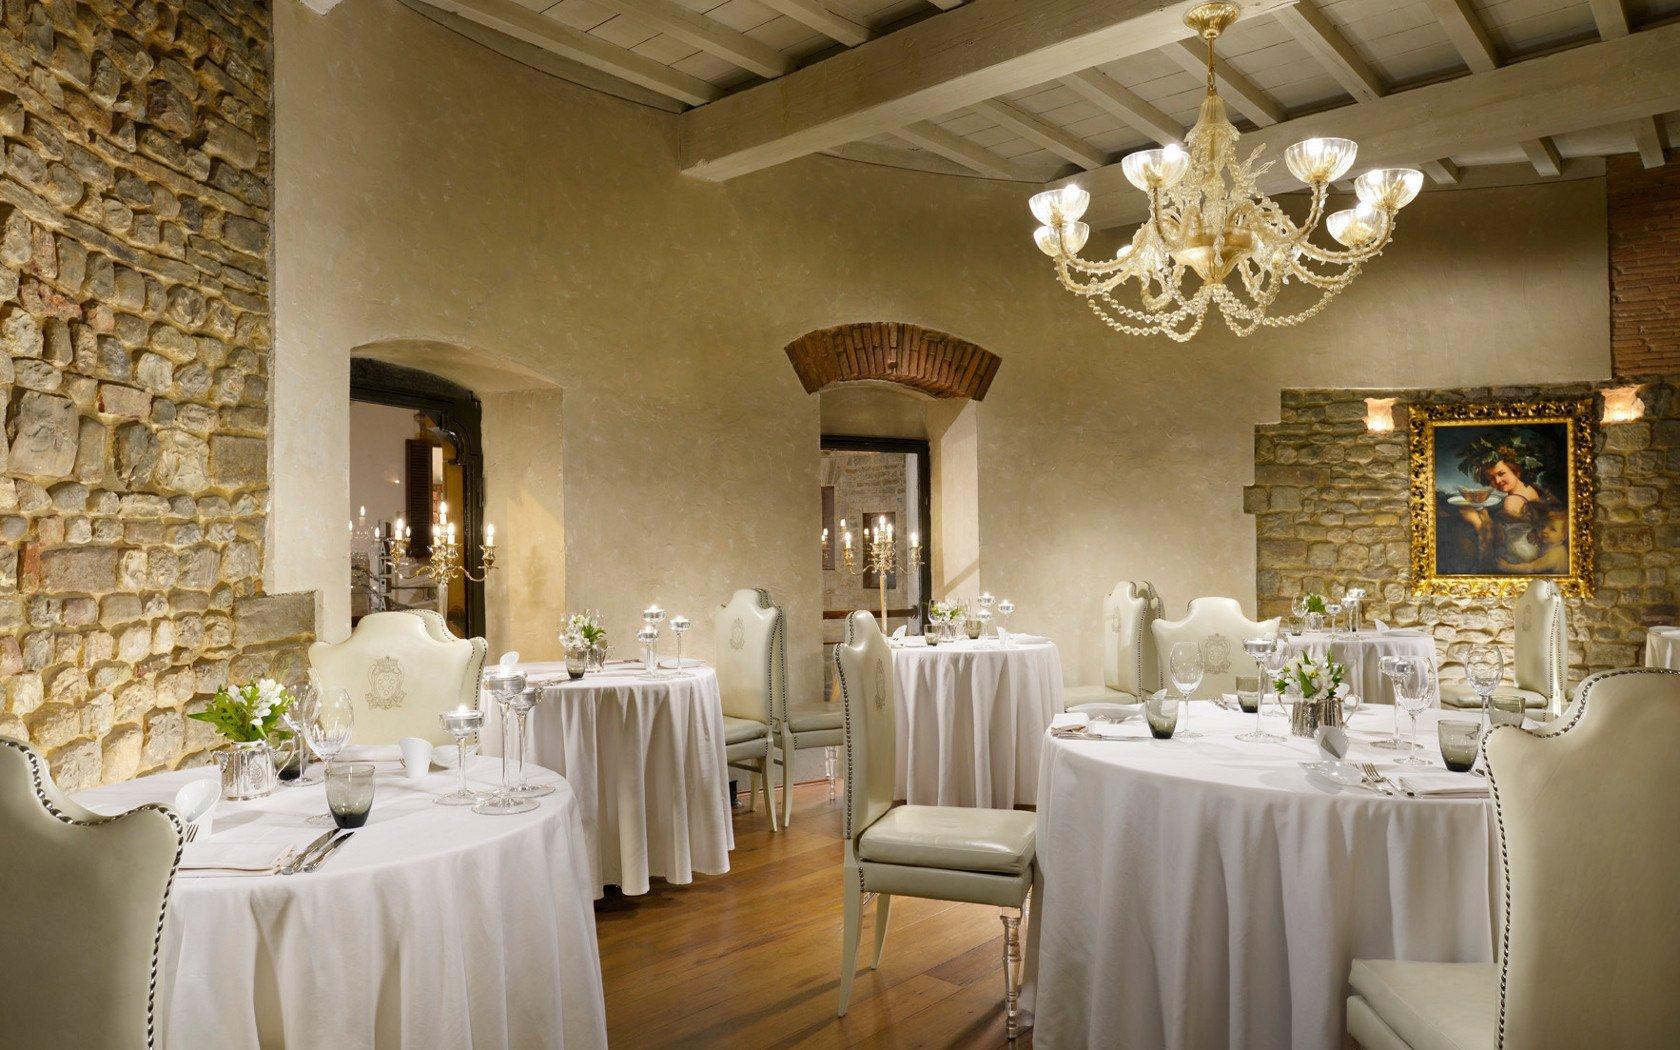 Ristoranti di design a firenze il gusto a 360 - Ristorante con tavoli all aperto roma ...